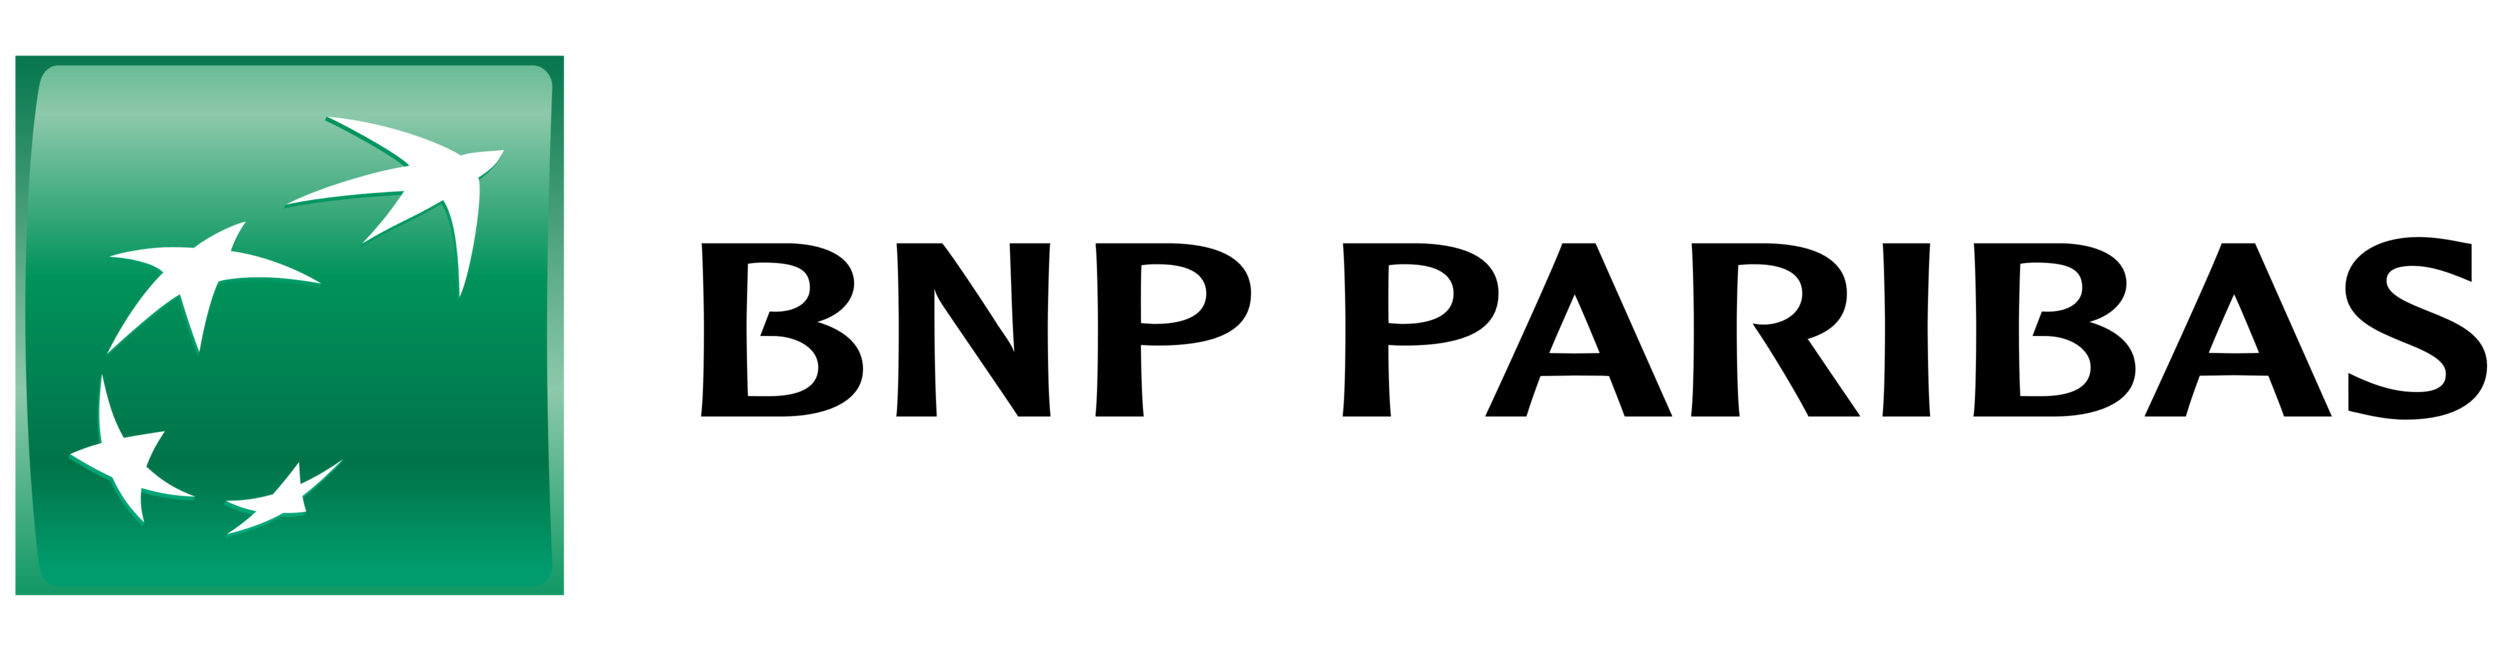 BNP_Paribas_logo_logotype_emblem.png